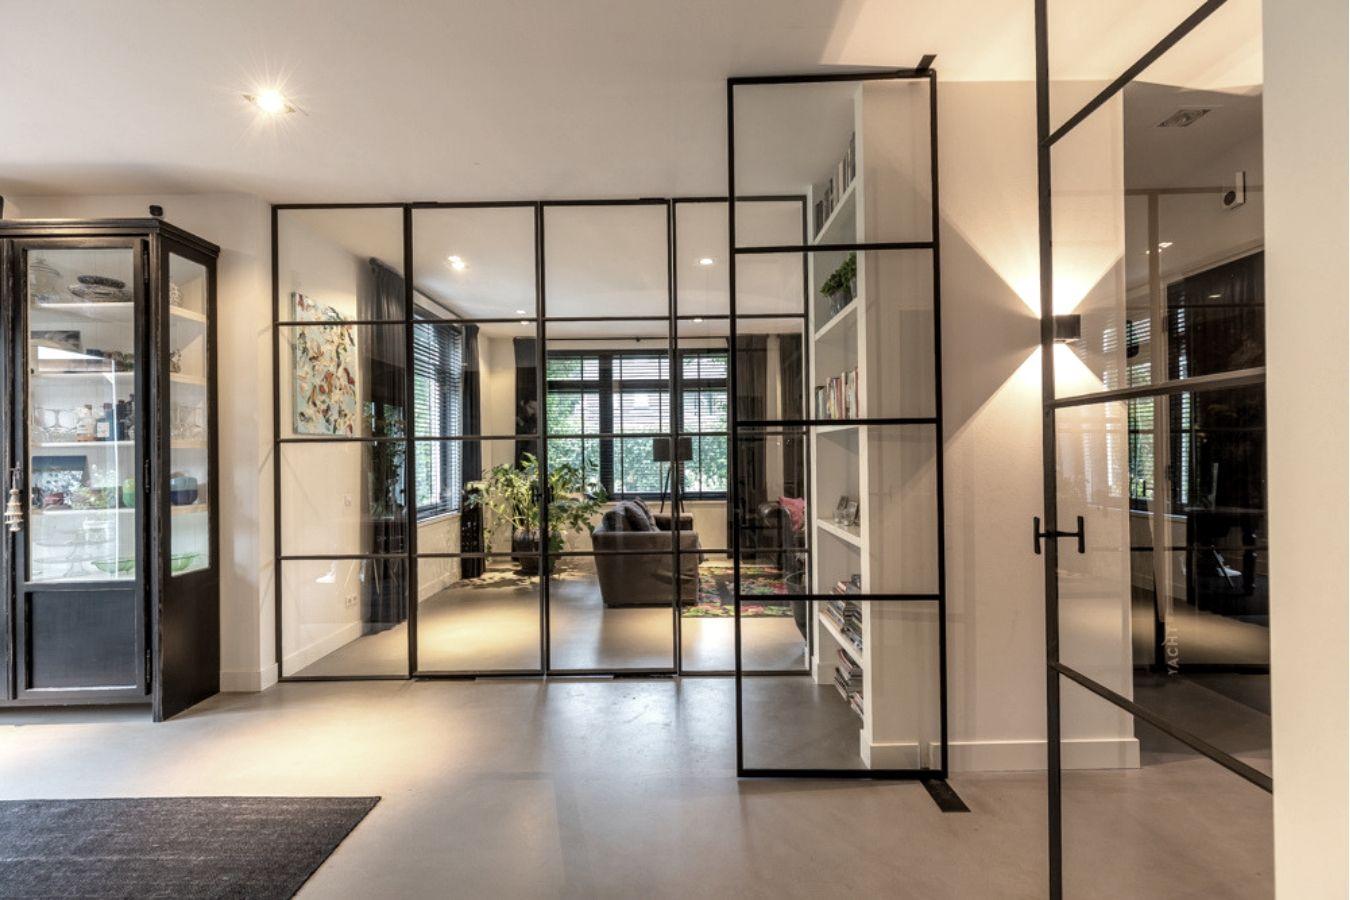 taatsdeuren, dubbele stalen taatsdeuren, oude tv productie pand vernieuwt in nieuwe villa, Hilversum, realisatie door StalenDeurenHuys